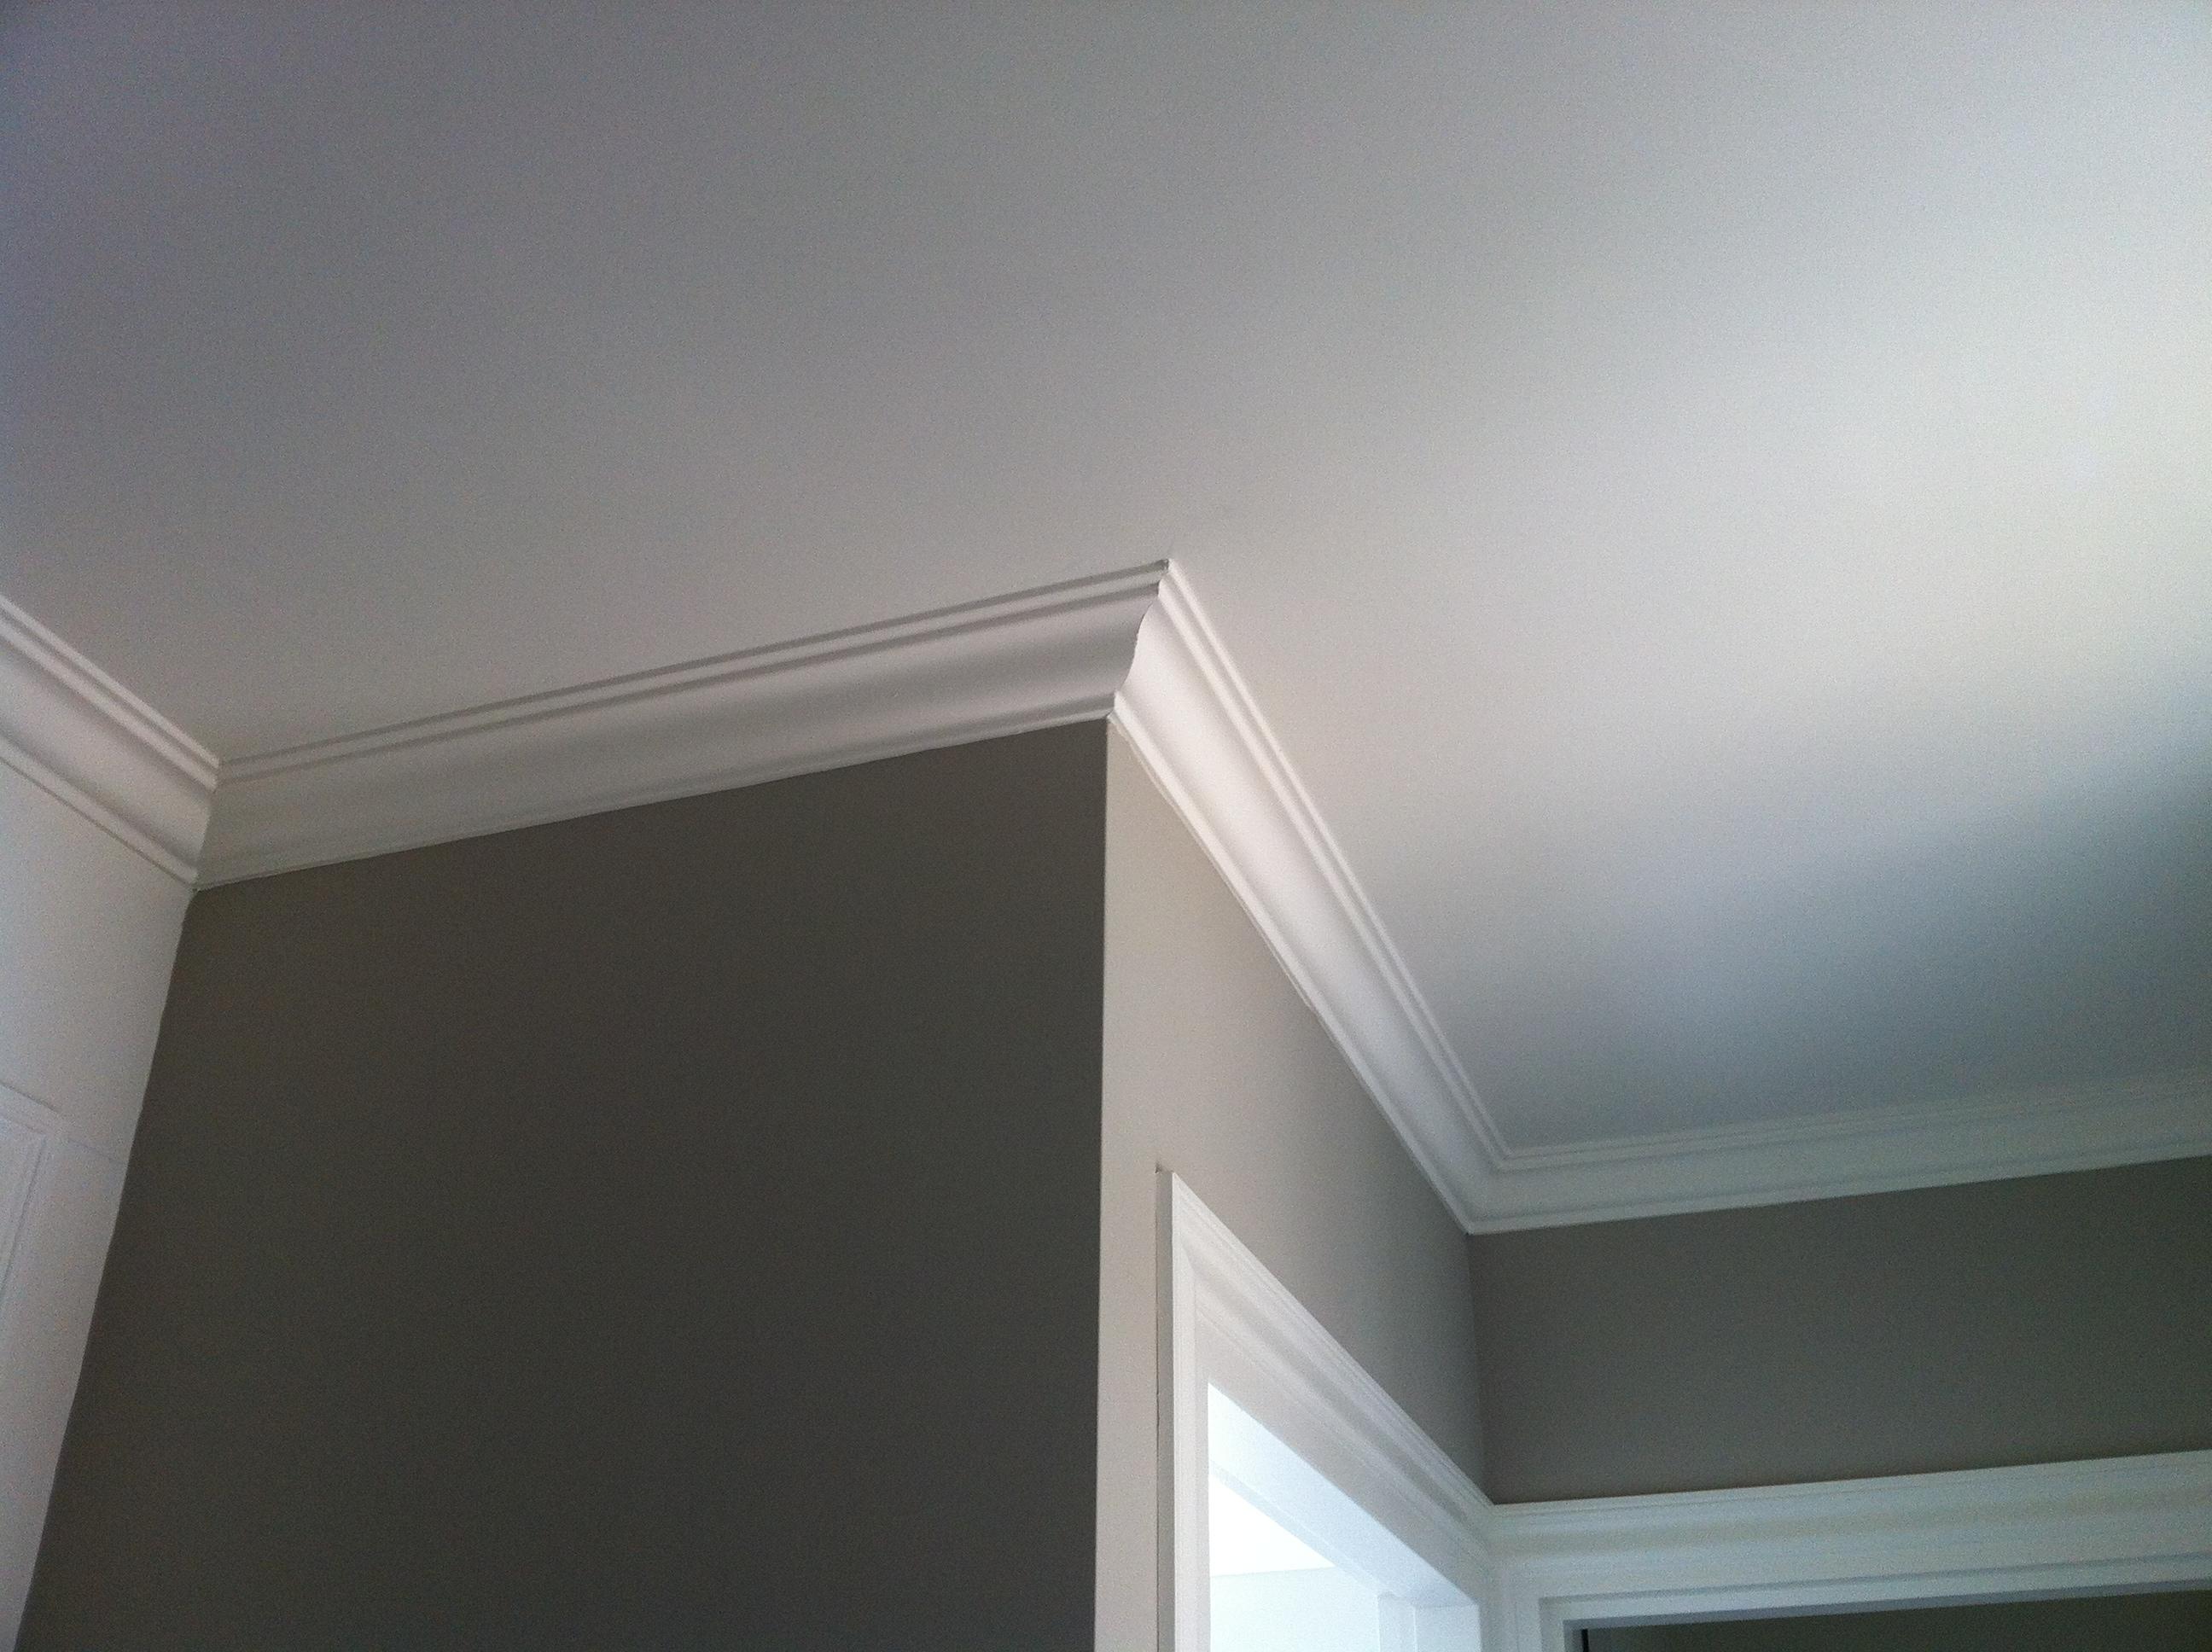 spackspuiten van wanden of plafond kampen bel 038 33 33 024